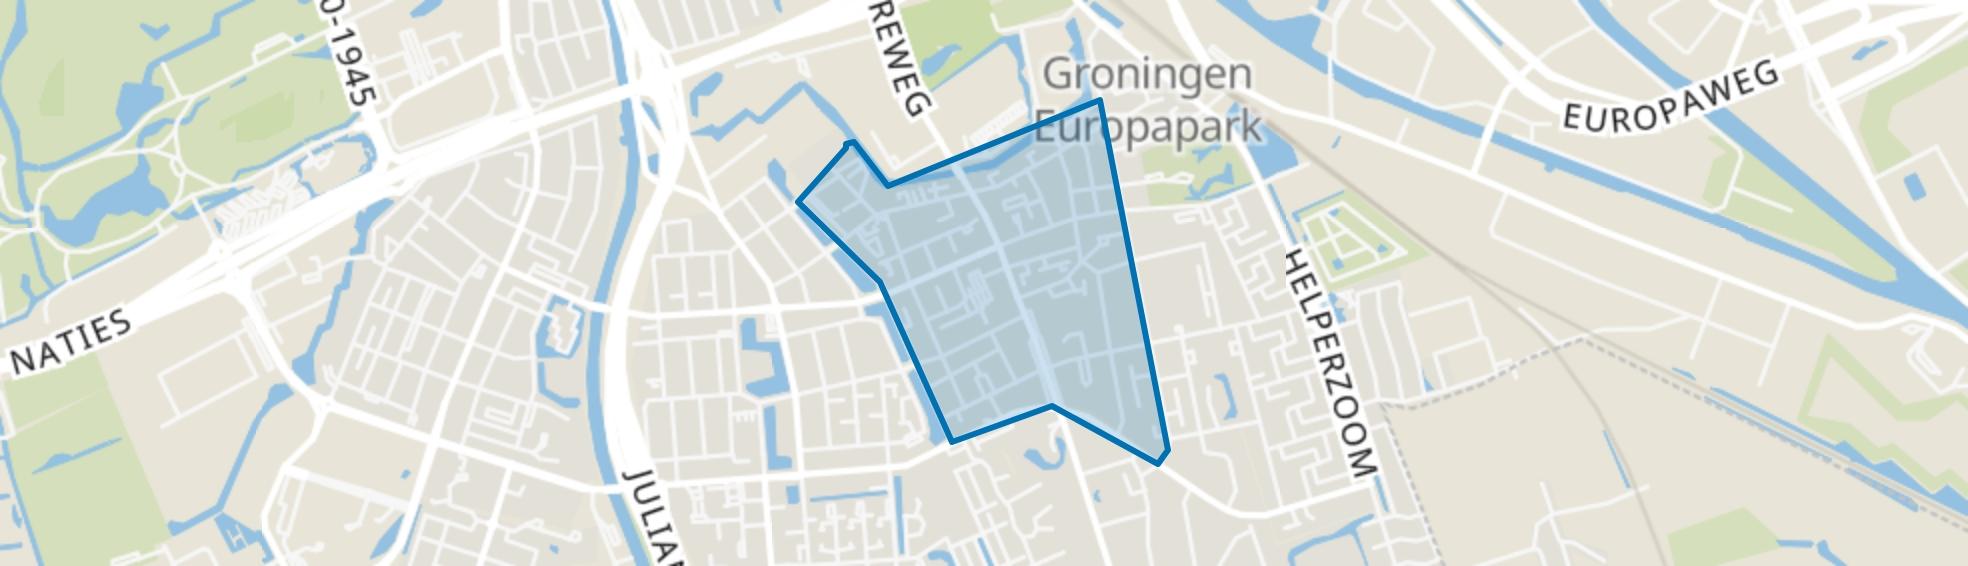 Helpman, Groningen map